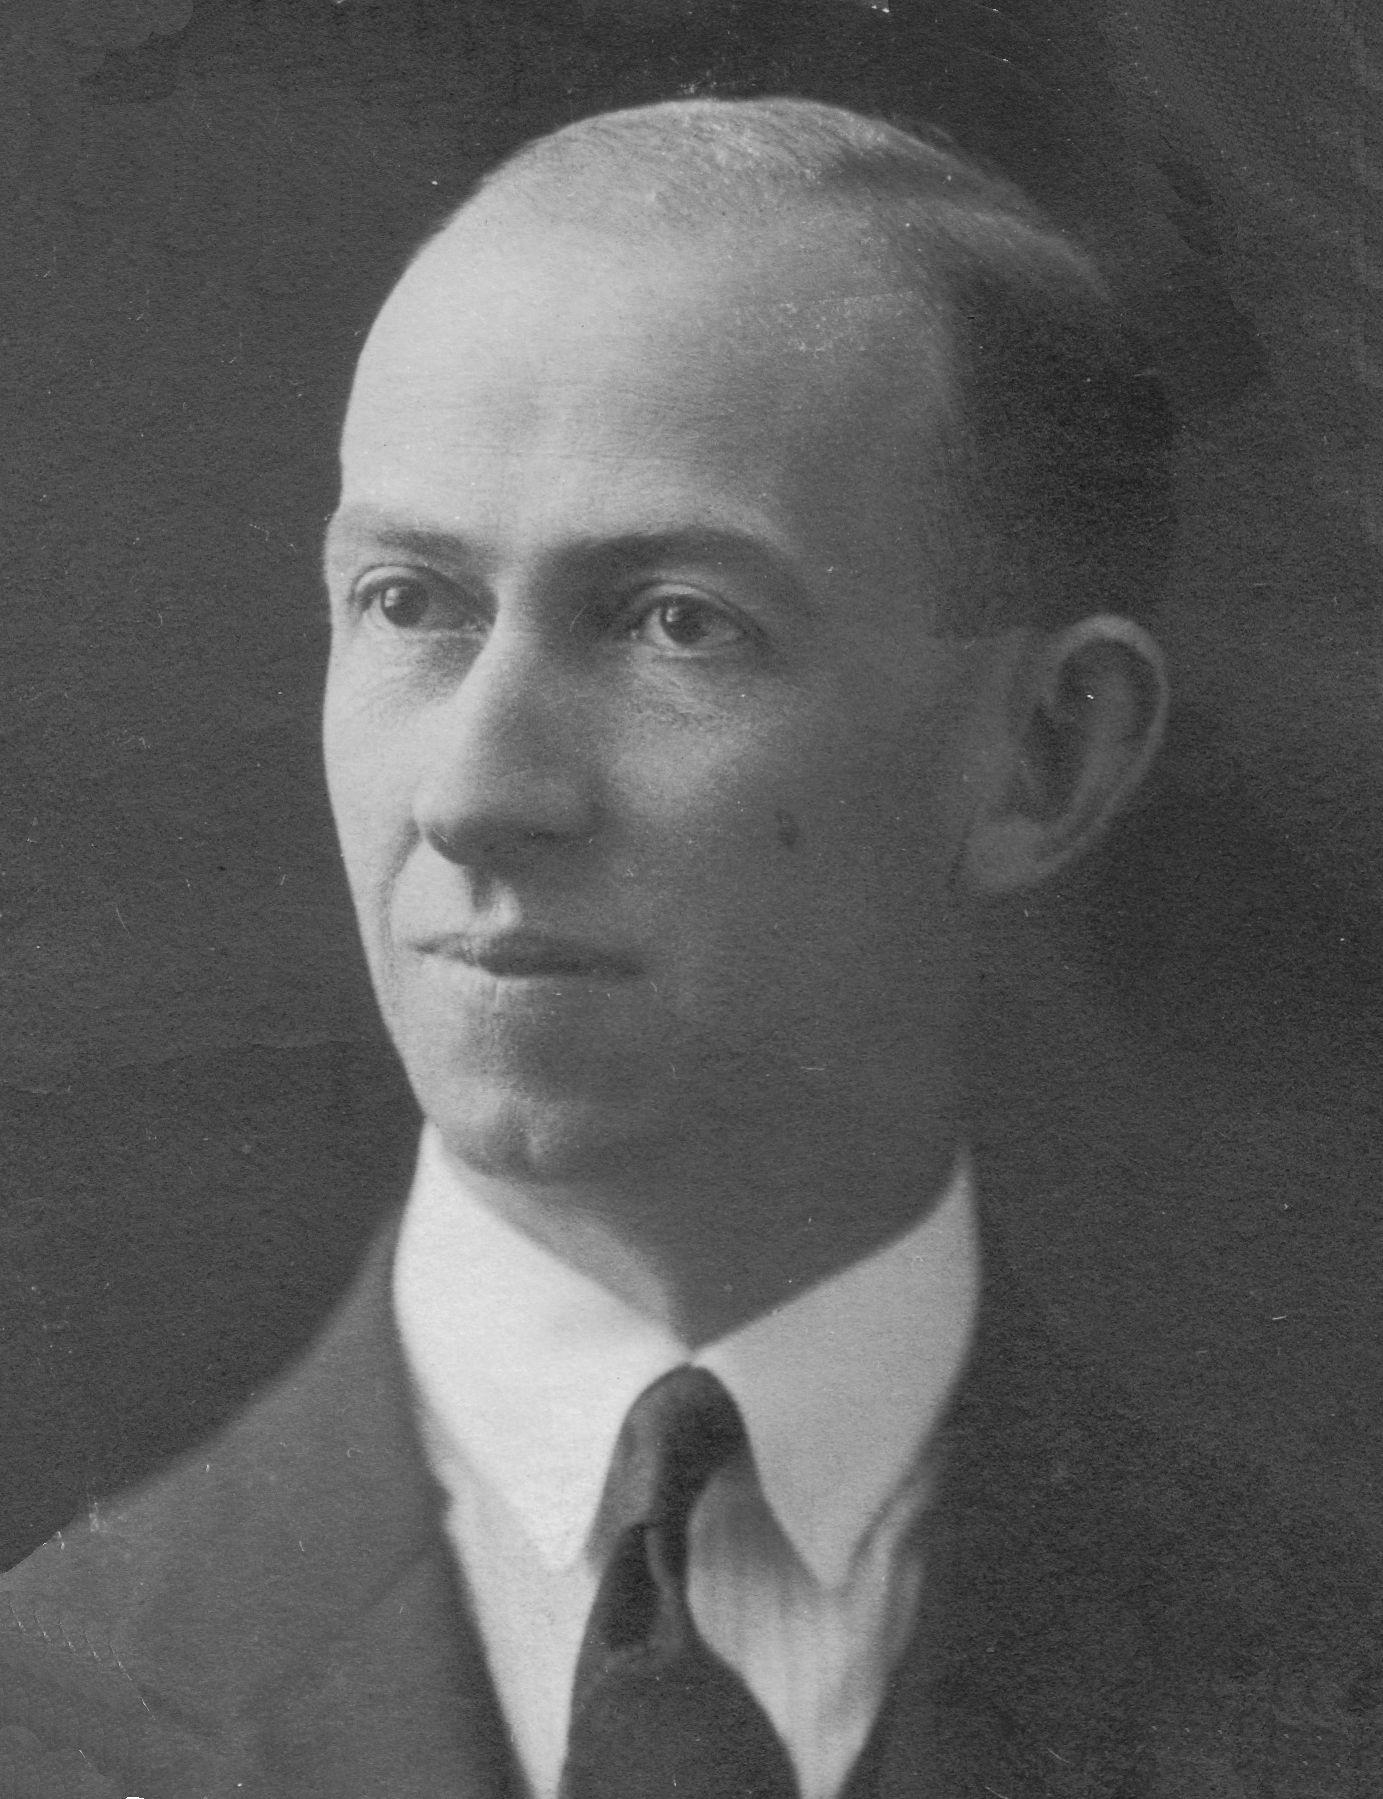 Abplanalp, William Walter Alexander